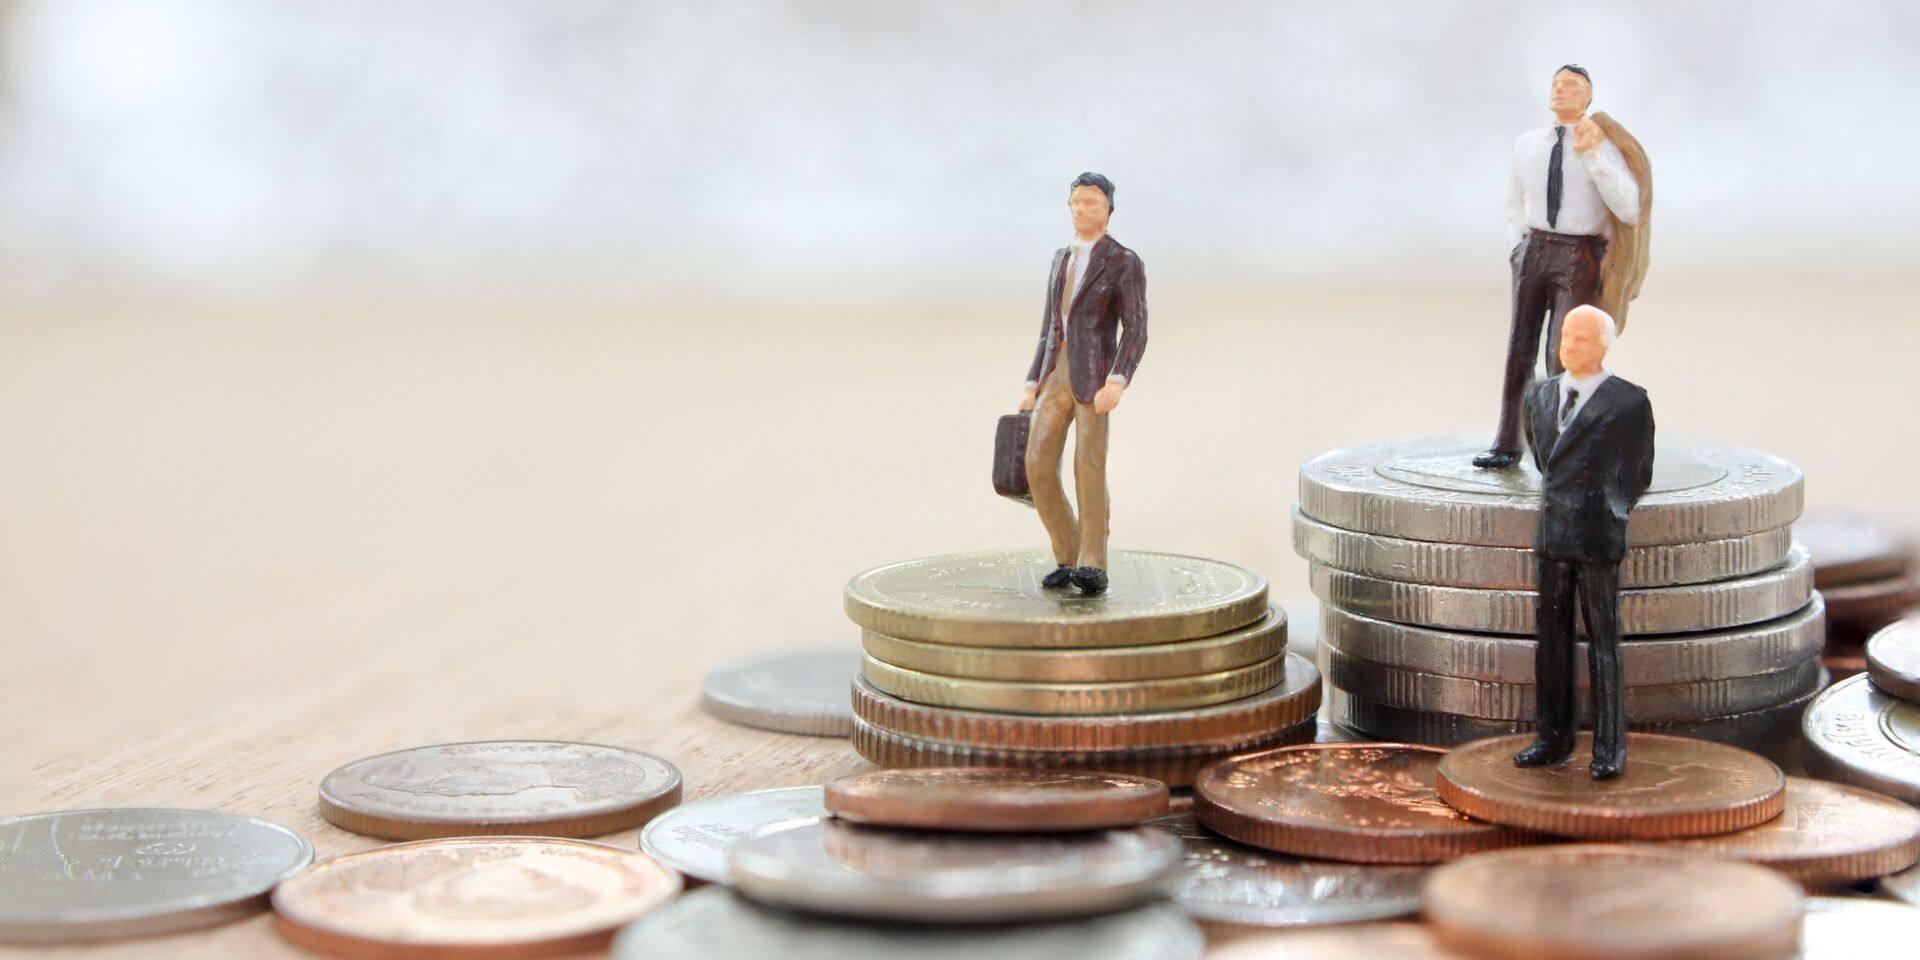 L'impôt sur la fortune dans le monde : quels sont les projets et controverses qu'ils suscitent